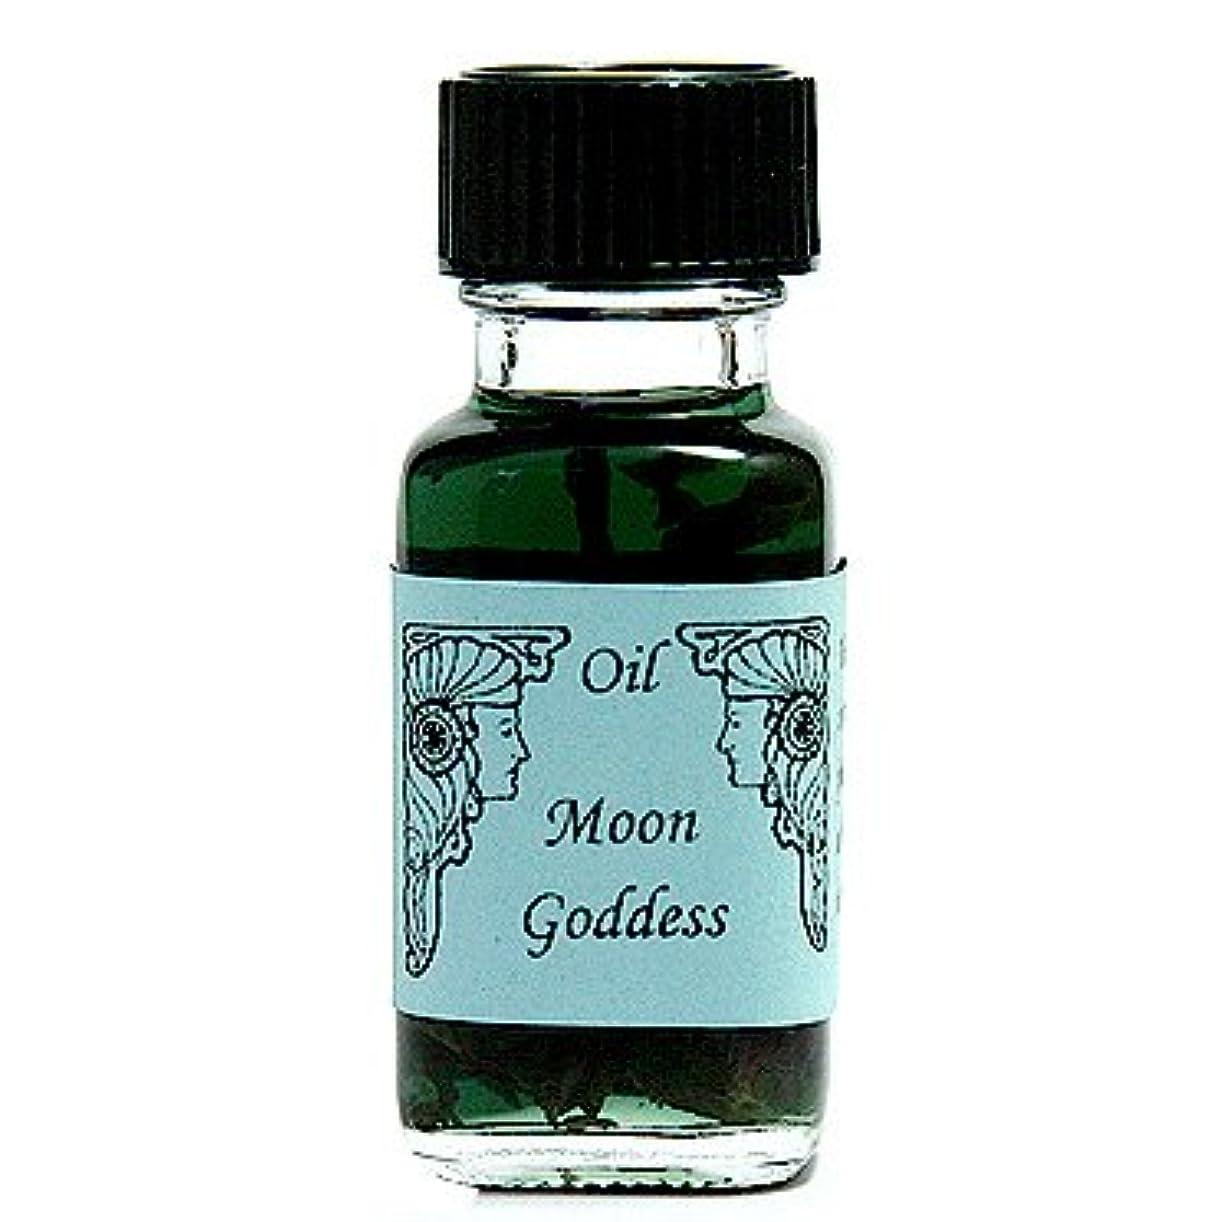 静けさ間違えた動物園アンシェントメモリーオイル ムーンゴッデス (月の女神) 15ml (Ancient Memory Oils)